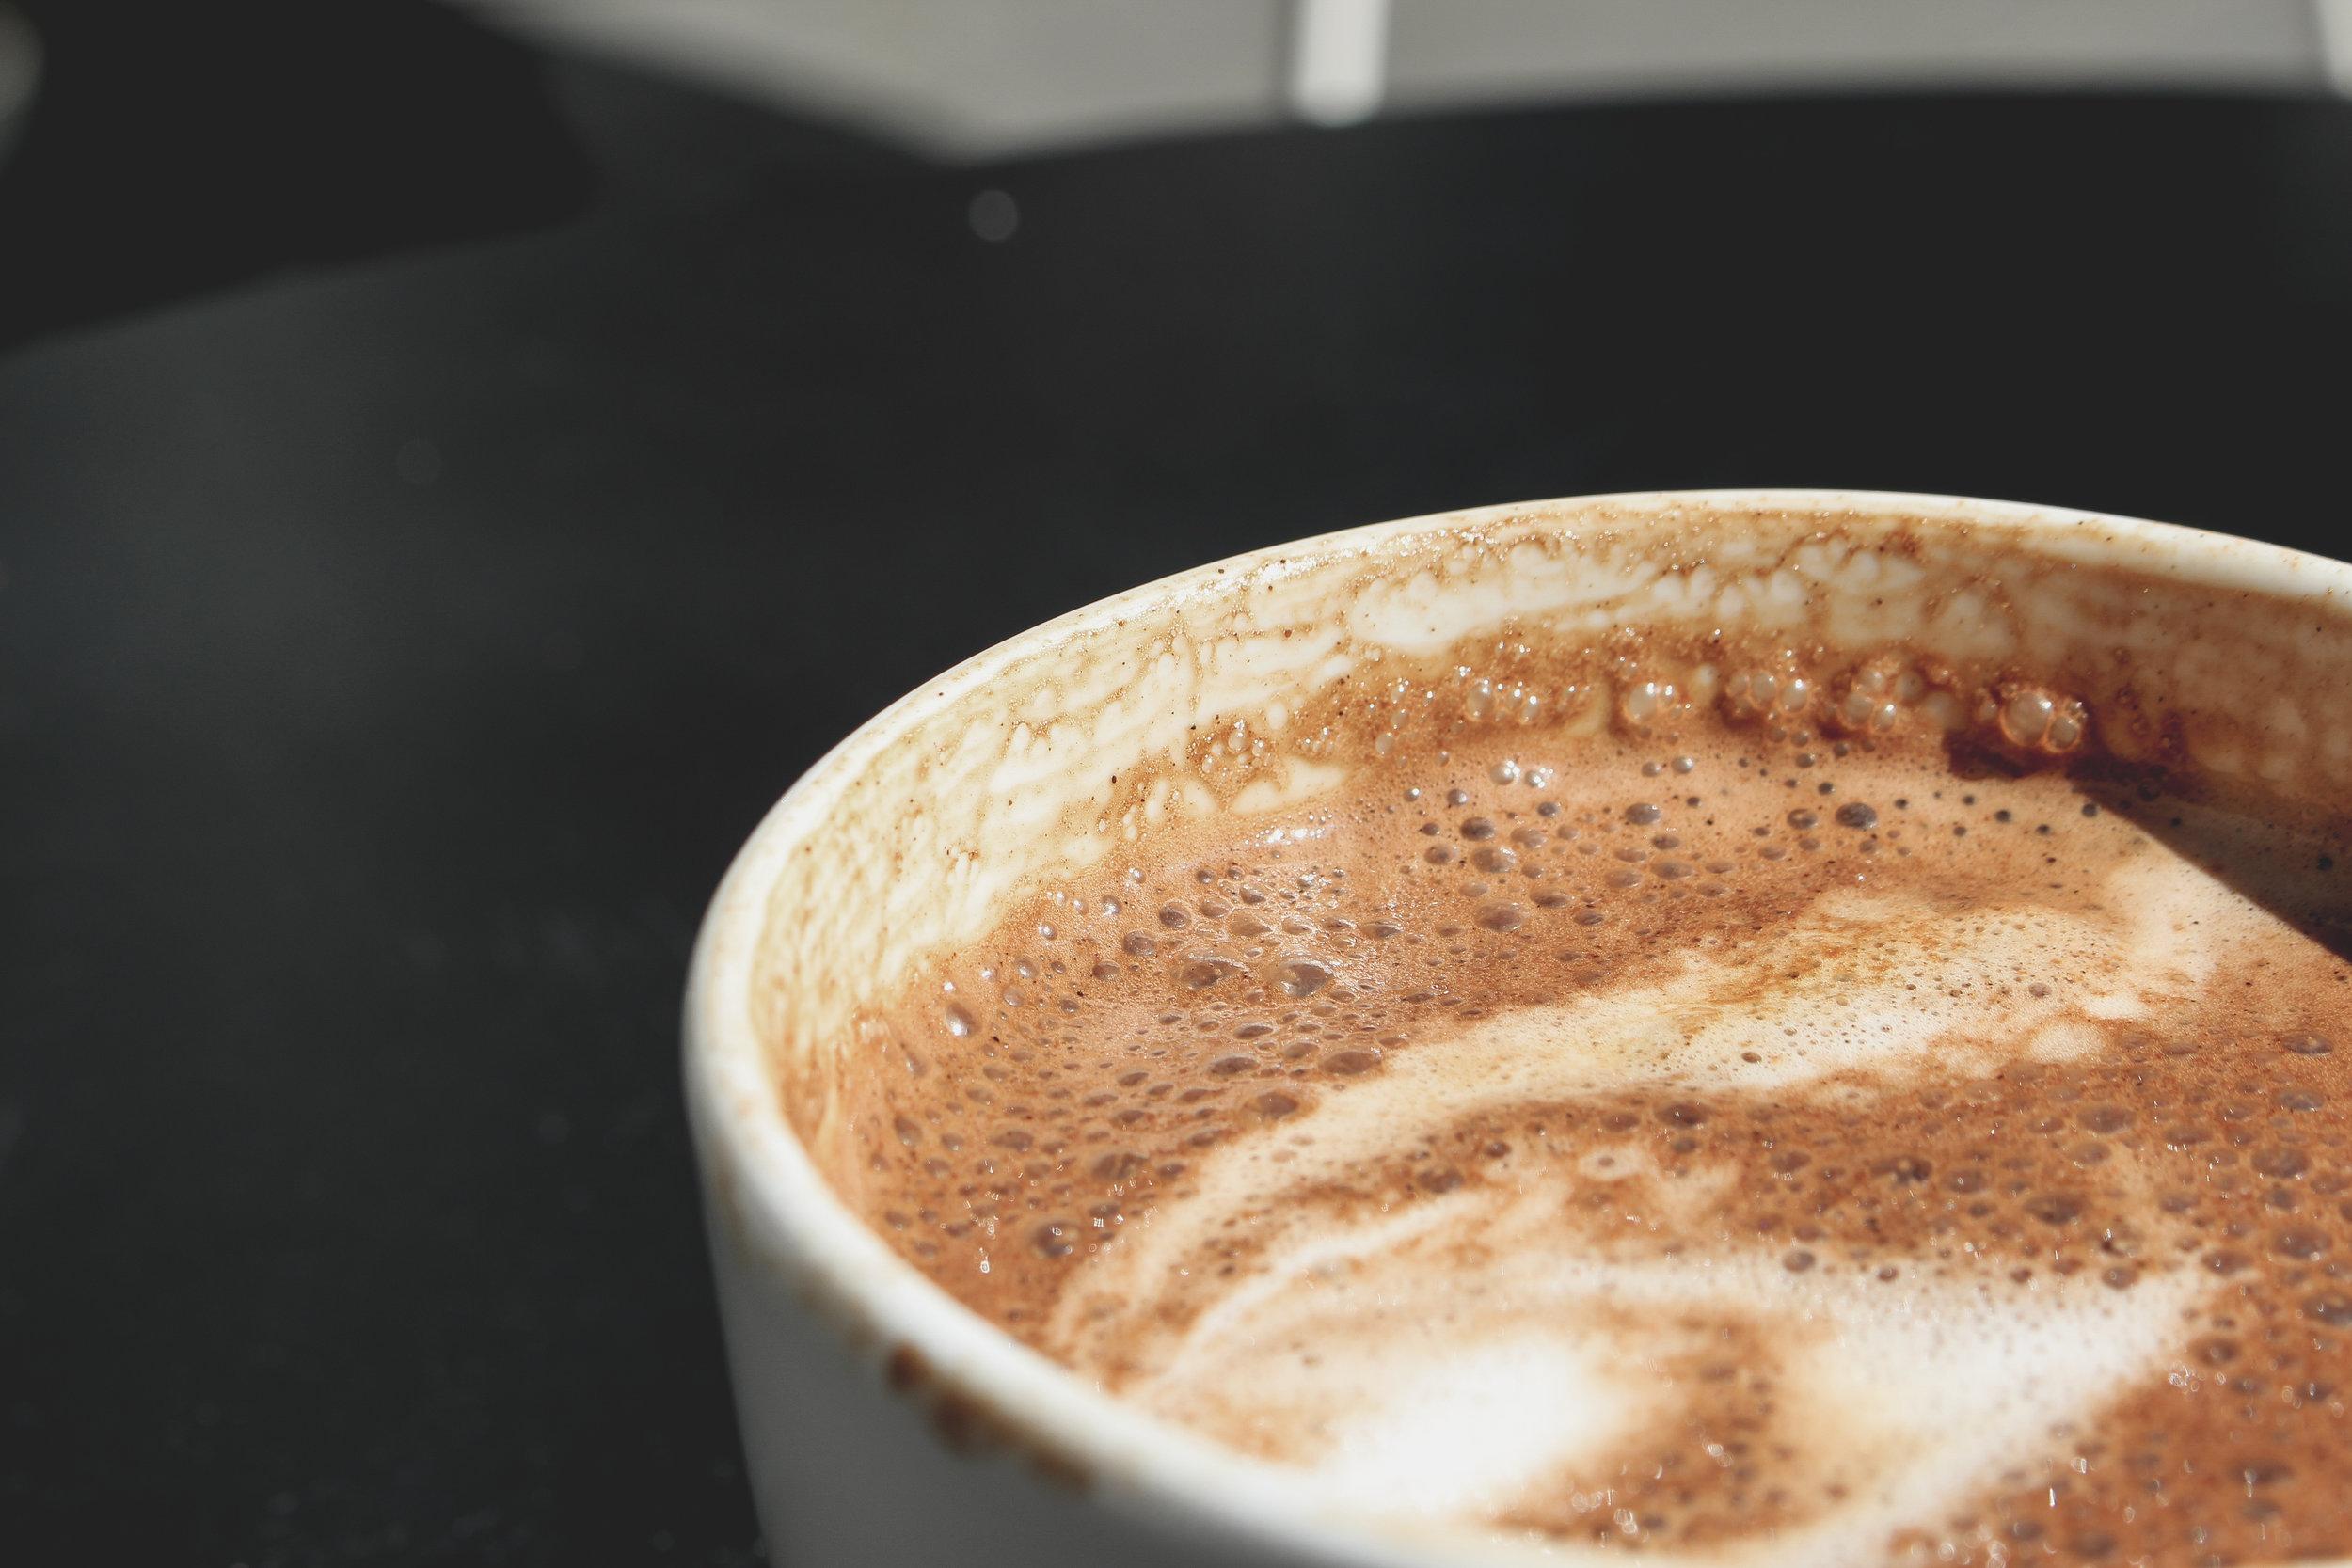 paulig_kulma_coffee_shop_helsinki_5